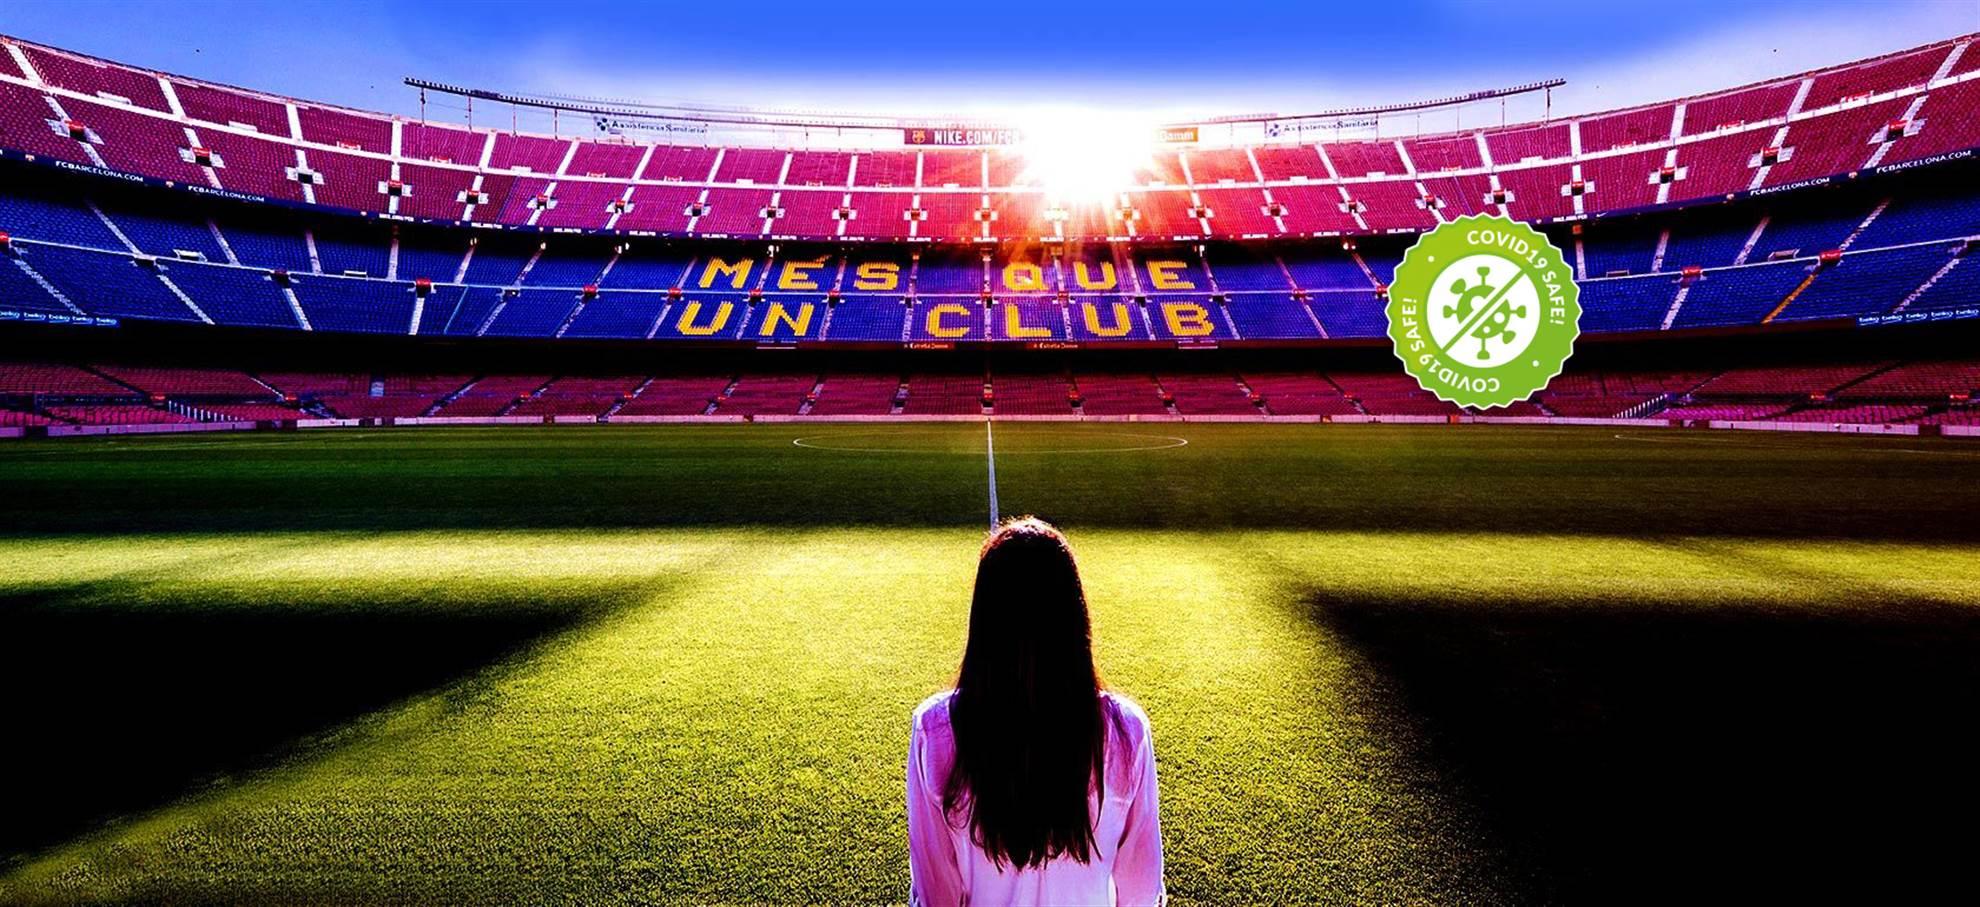 FC Barcelona - Visite du Camp Nou